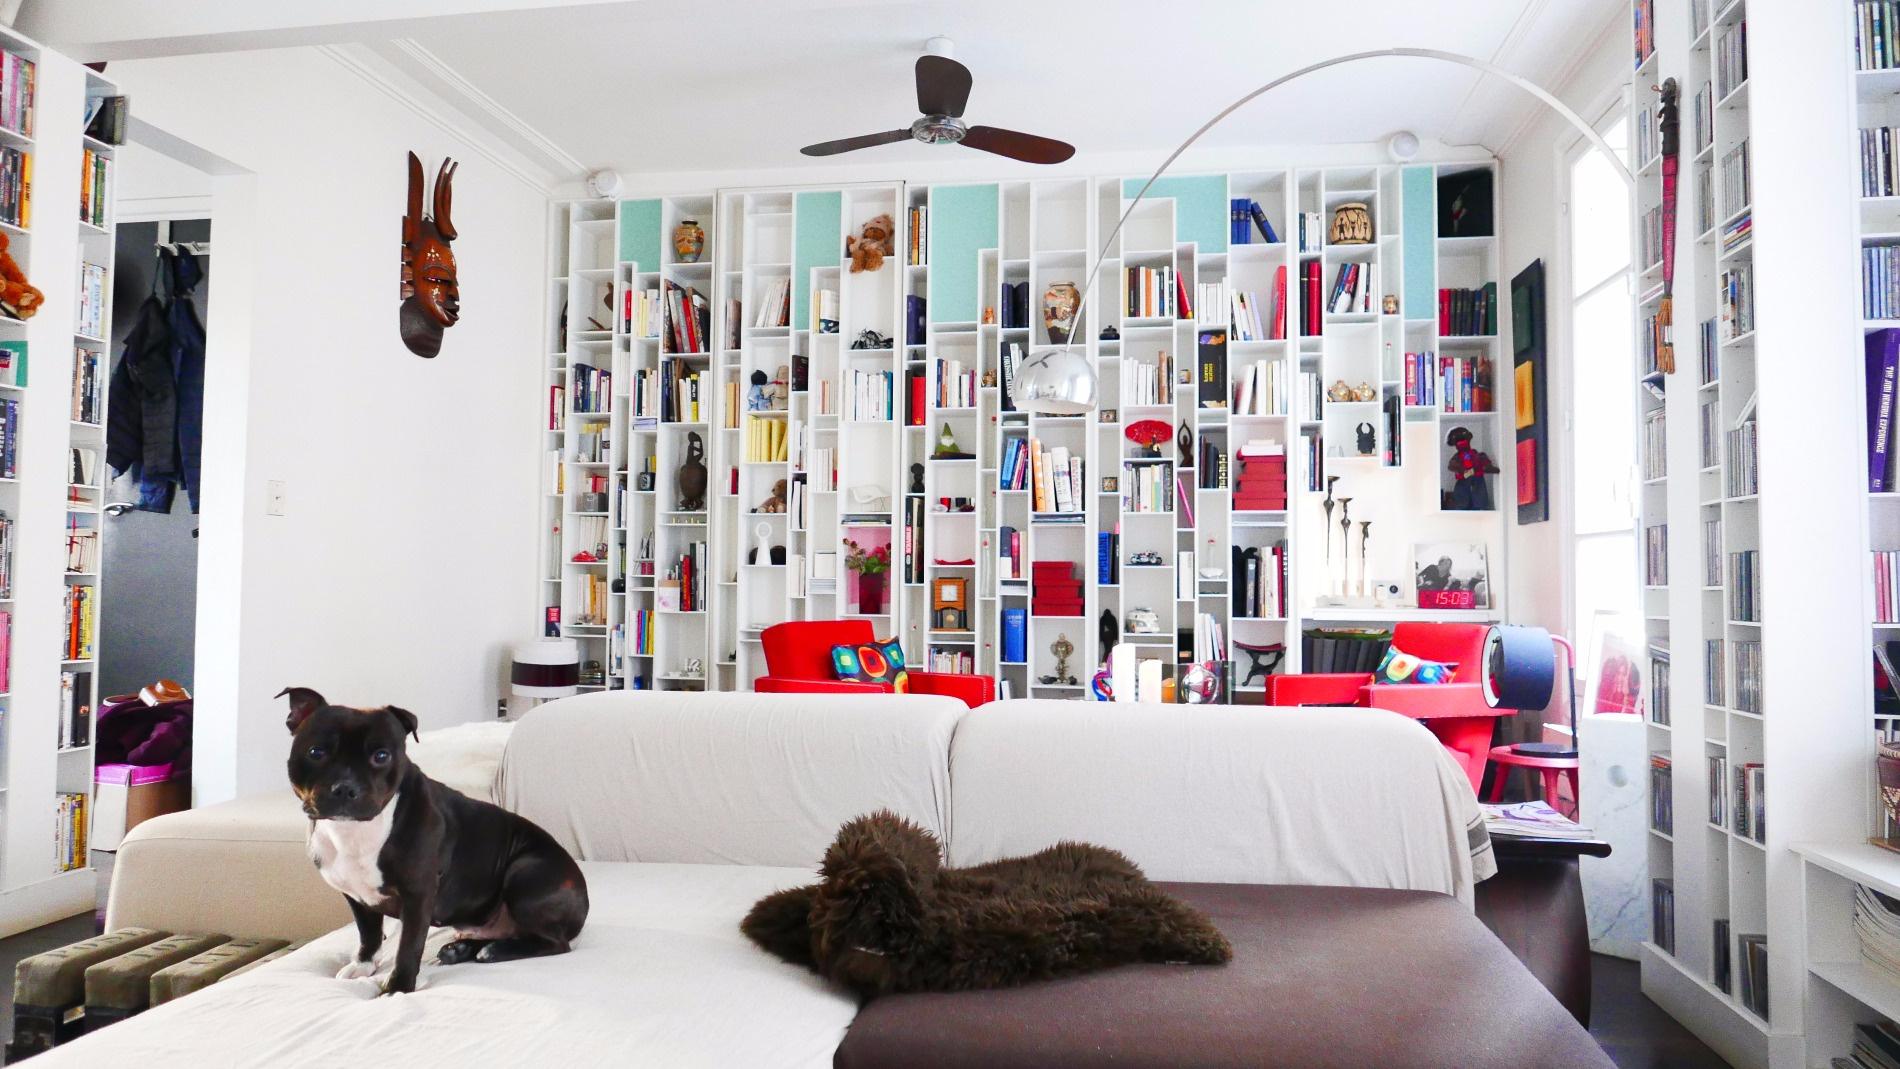 vente appartements paris 17 me t1 2 pi ces 3 pi ces et plus batignolles et environs. Black Bedroom Furniture Sets. Home Design Ideas